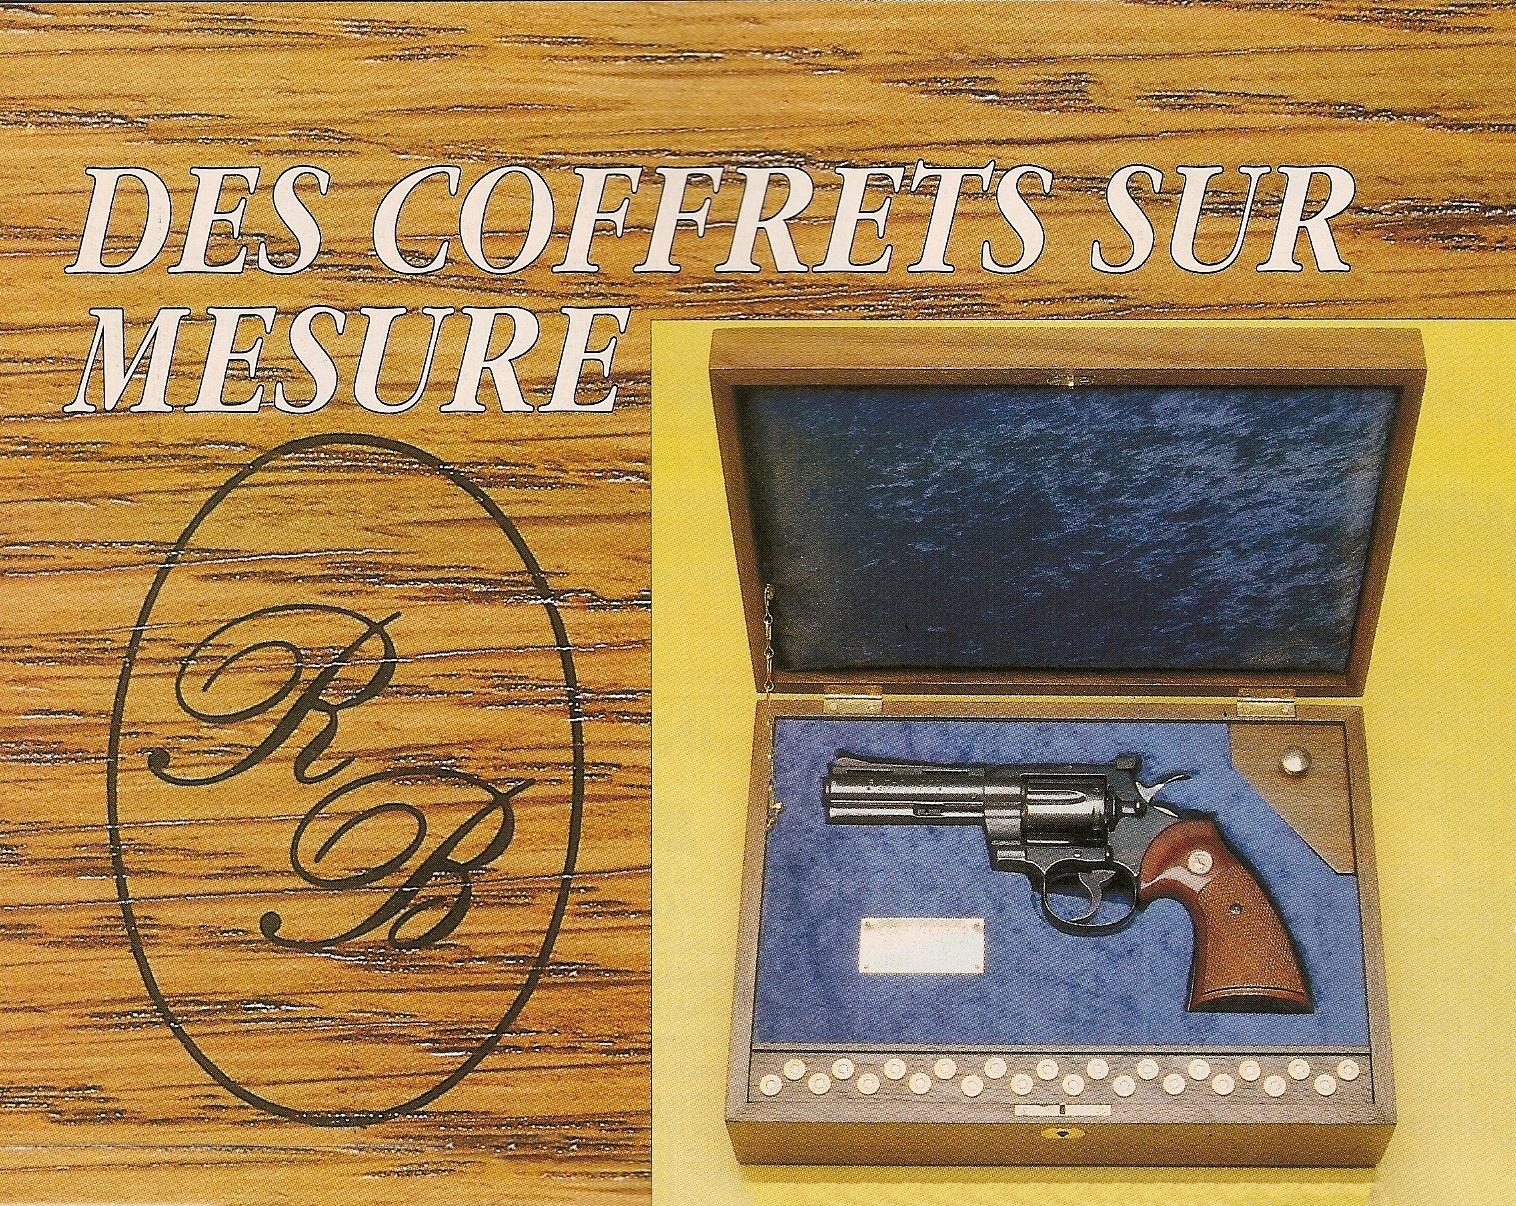 Coffret en noyer garni de velours bleu pour un revolver Colt Python à canon de 4 pouces. Il est doté d'une réserve pouvant recevoir 18 cartouches calibre .357 Magnum et d'un petit compartiment pour l'outil de réglage des éléments de visée. A gauche figure le petit cachet qui constitue la signature de l'artisan.